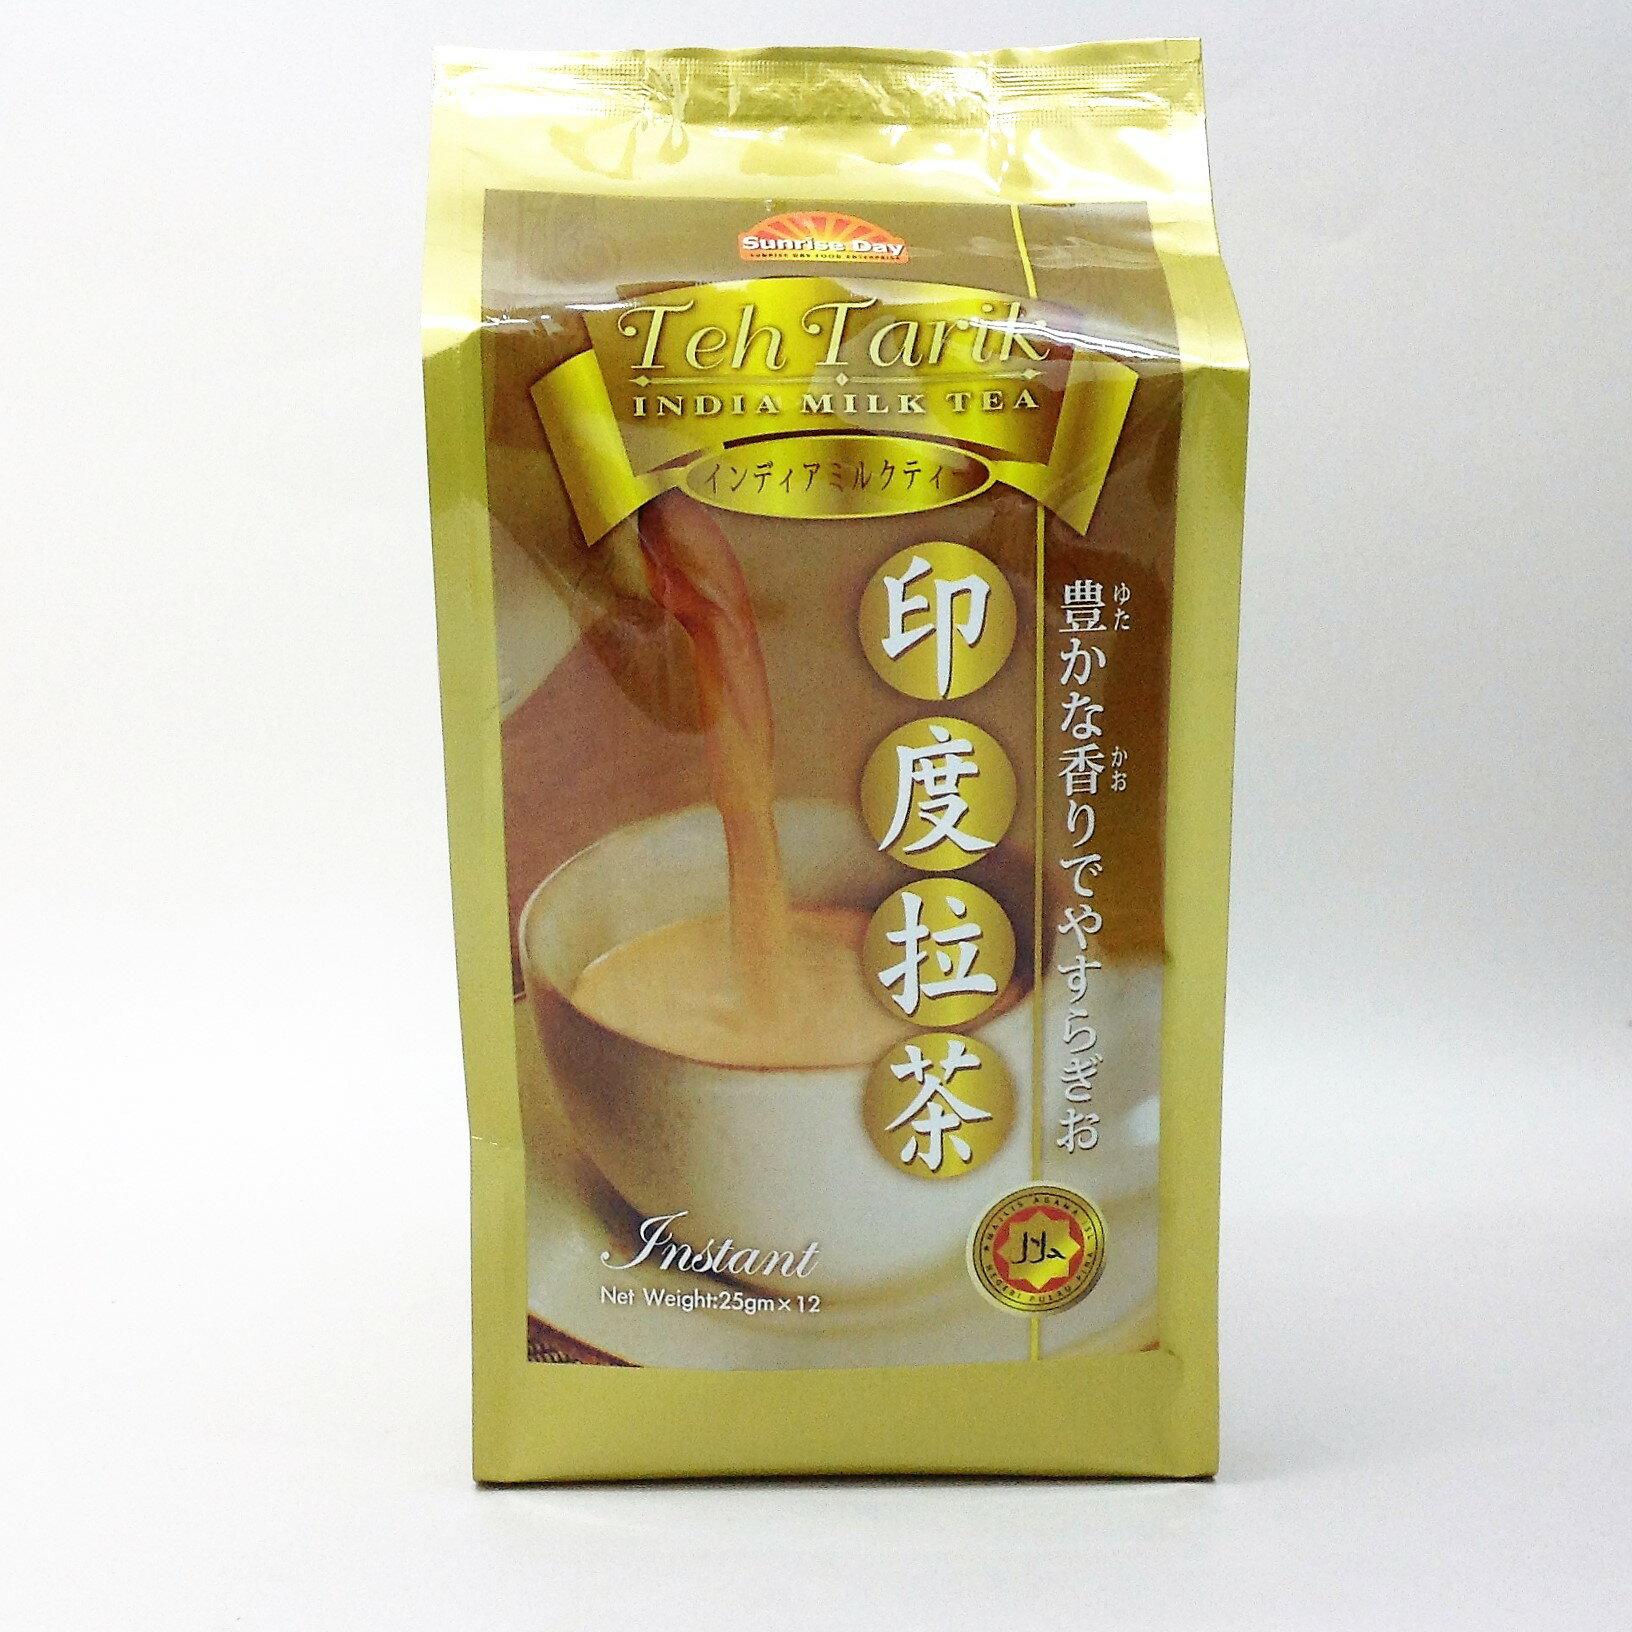 【橘町五丁目】 Day 印度拉茶-300g